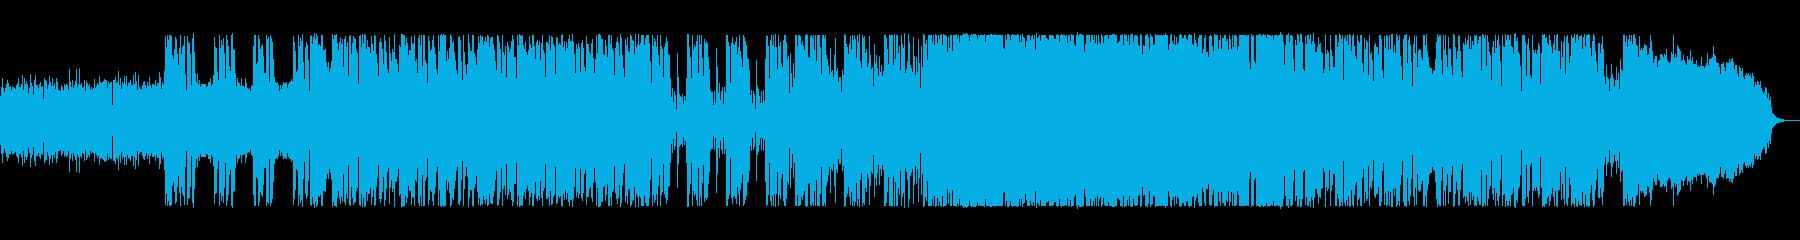 重量級のロックの進撃の再生済みの波形